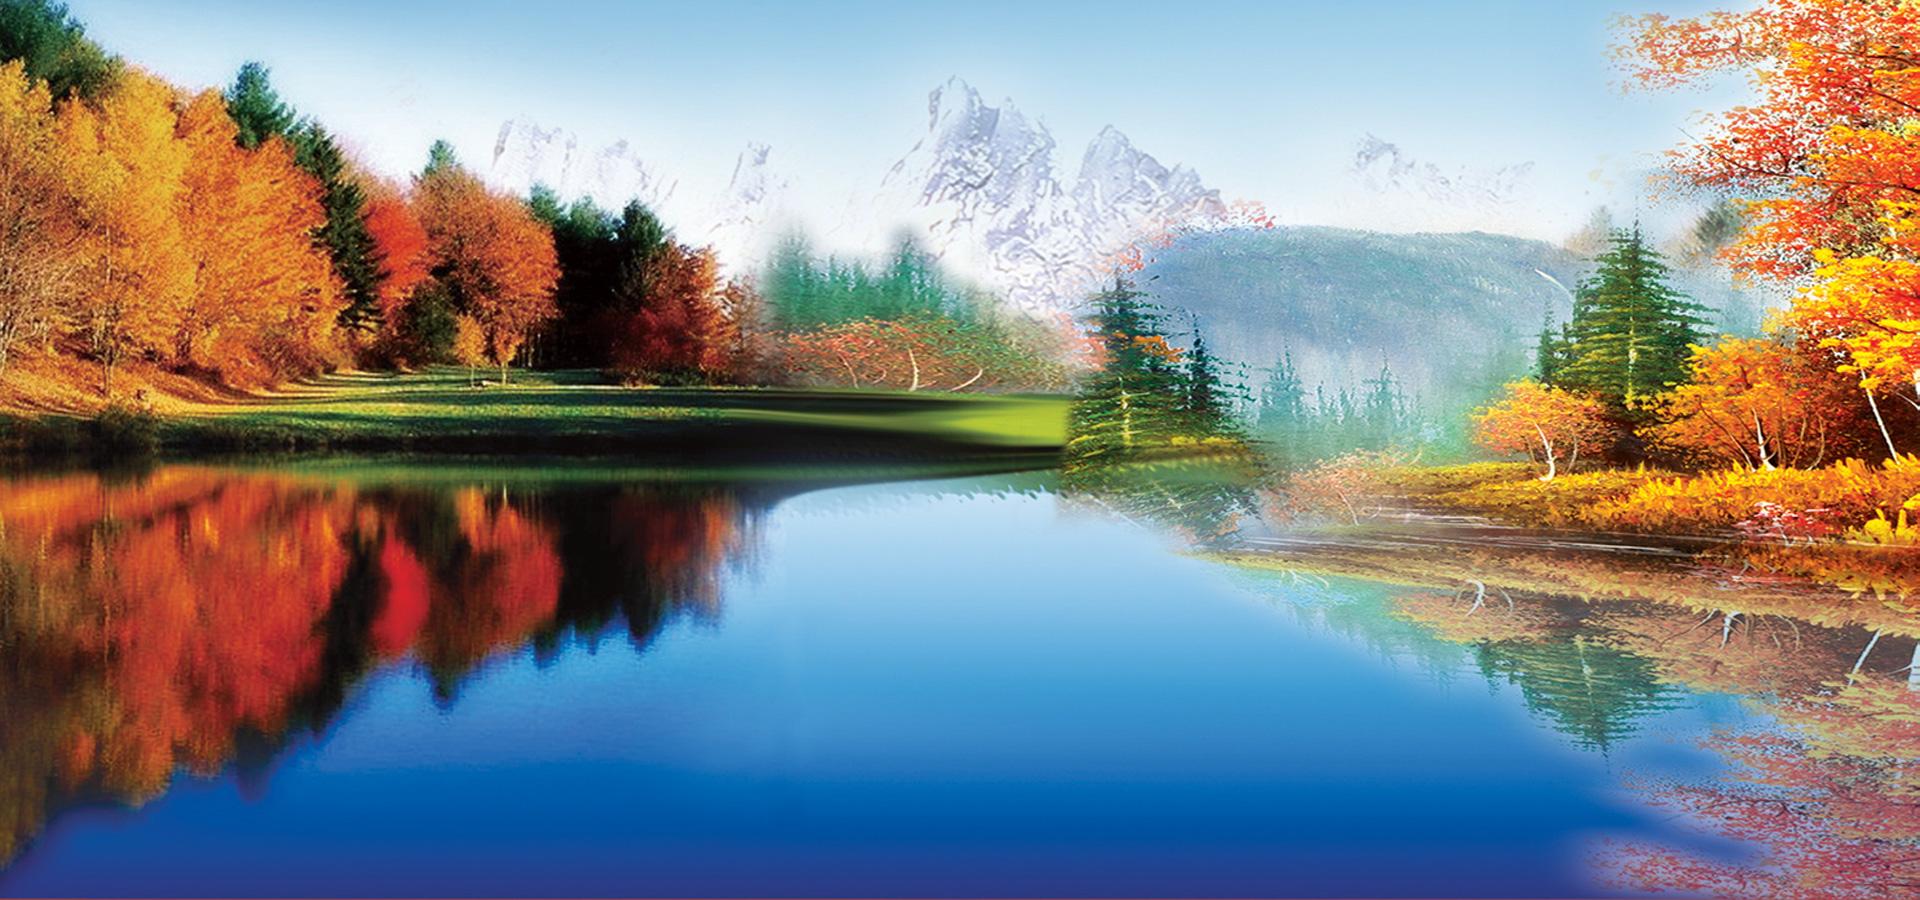 壁纸 风景 山水 摄影 桌面 1920_900